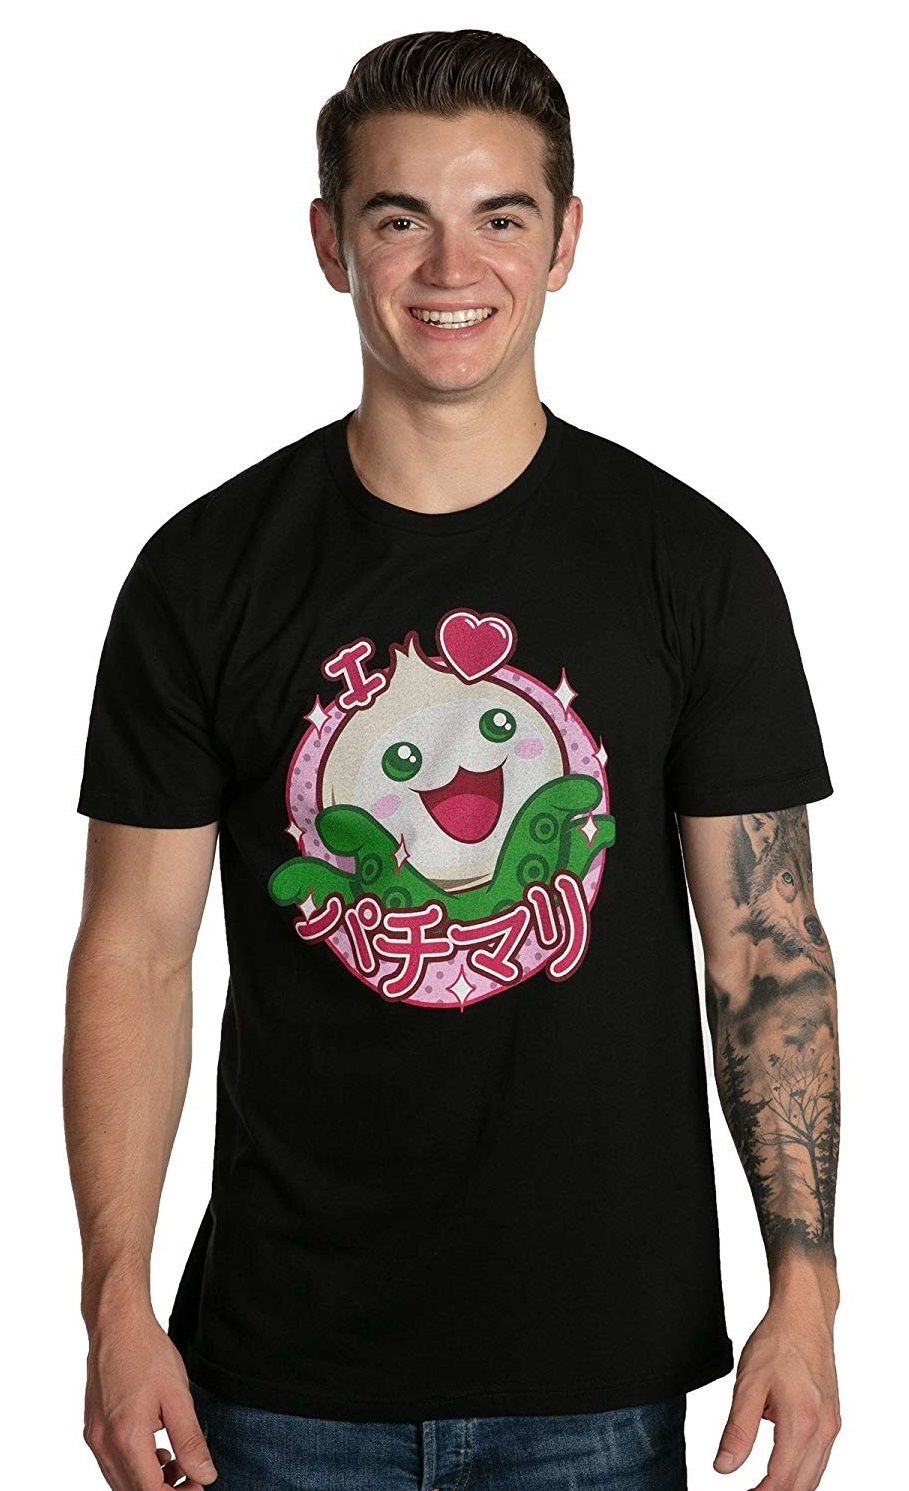 Overwatch: Pachimari - Premium T-Shirt (Medium) image